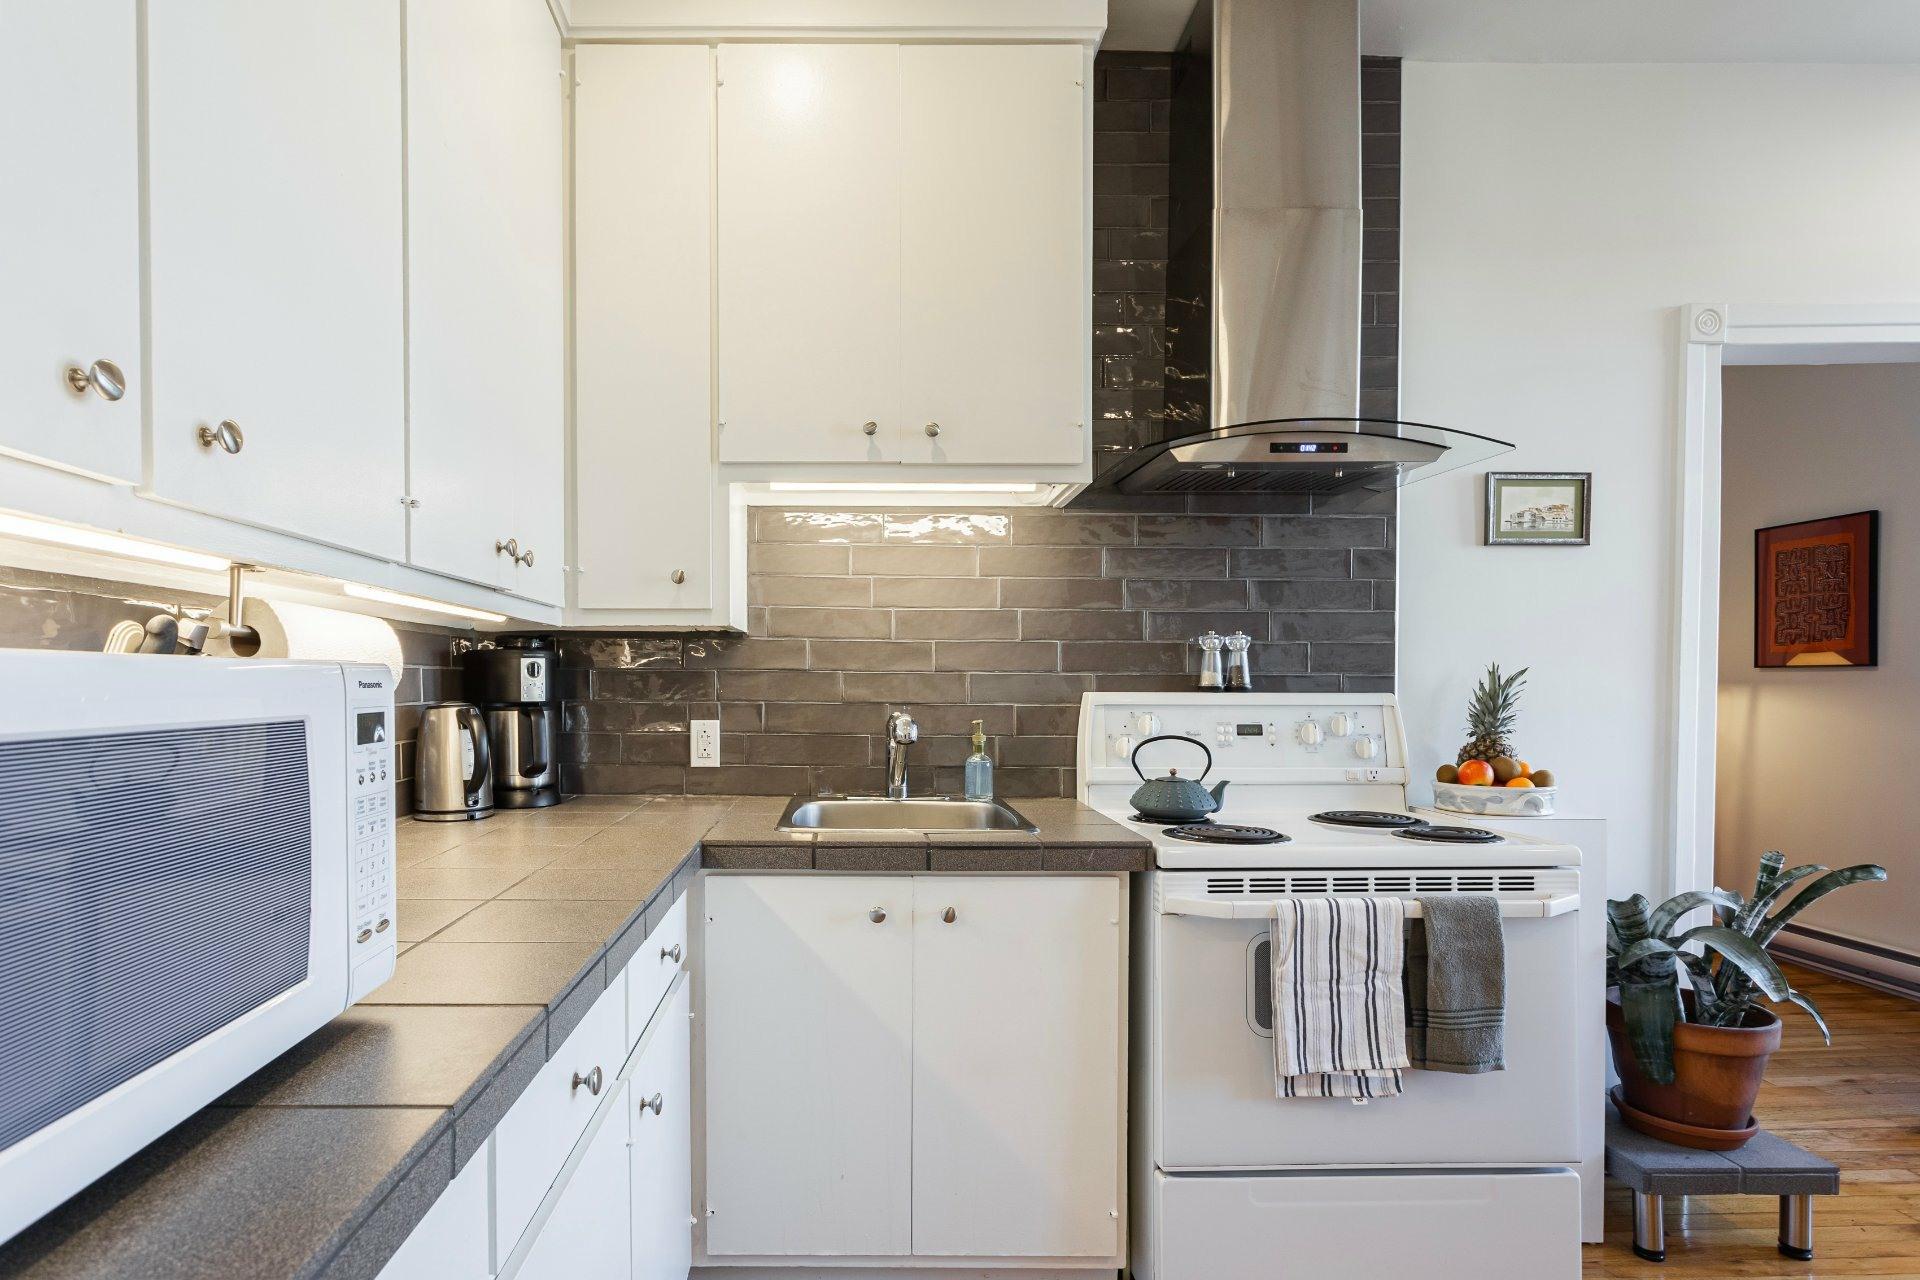 image 12 - Appartement À louer Villeray/Saint-Michel/Parc-Extension Montréal  - 6 pièces